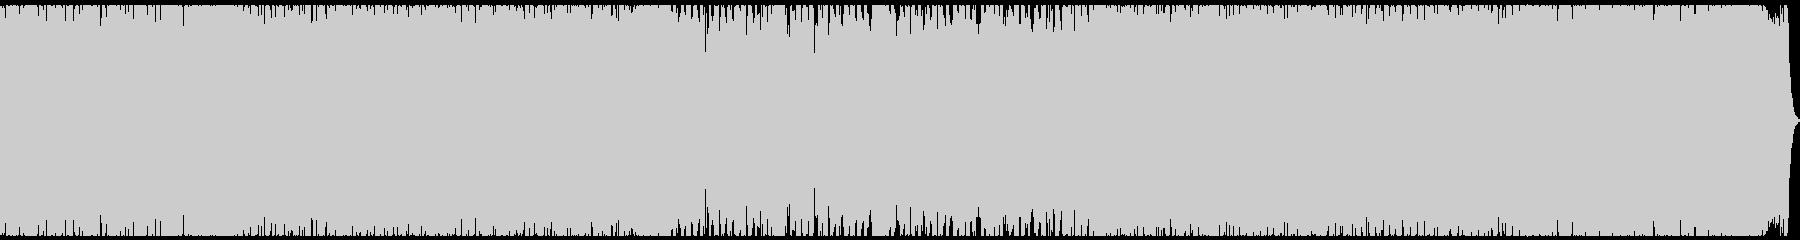 HR/HM・緊迫感のあるギターサウンドの未再生の波形